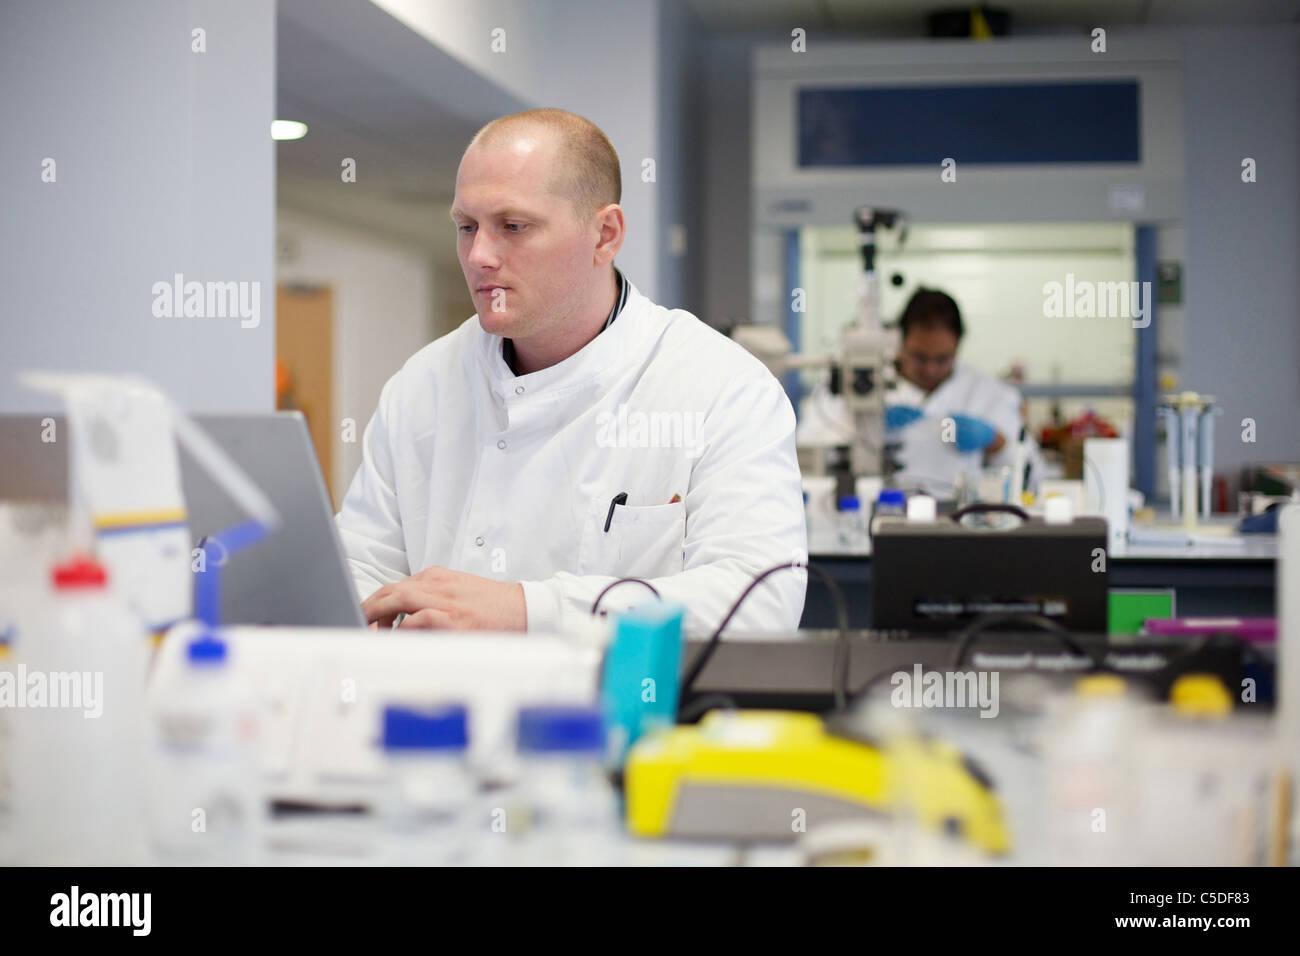 Mercredi 6 juillet 2011 Technicien de laboratoire à l'œuvre dans l'Université Métropolitaine Photo Stock